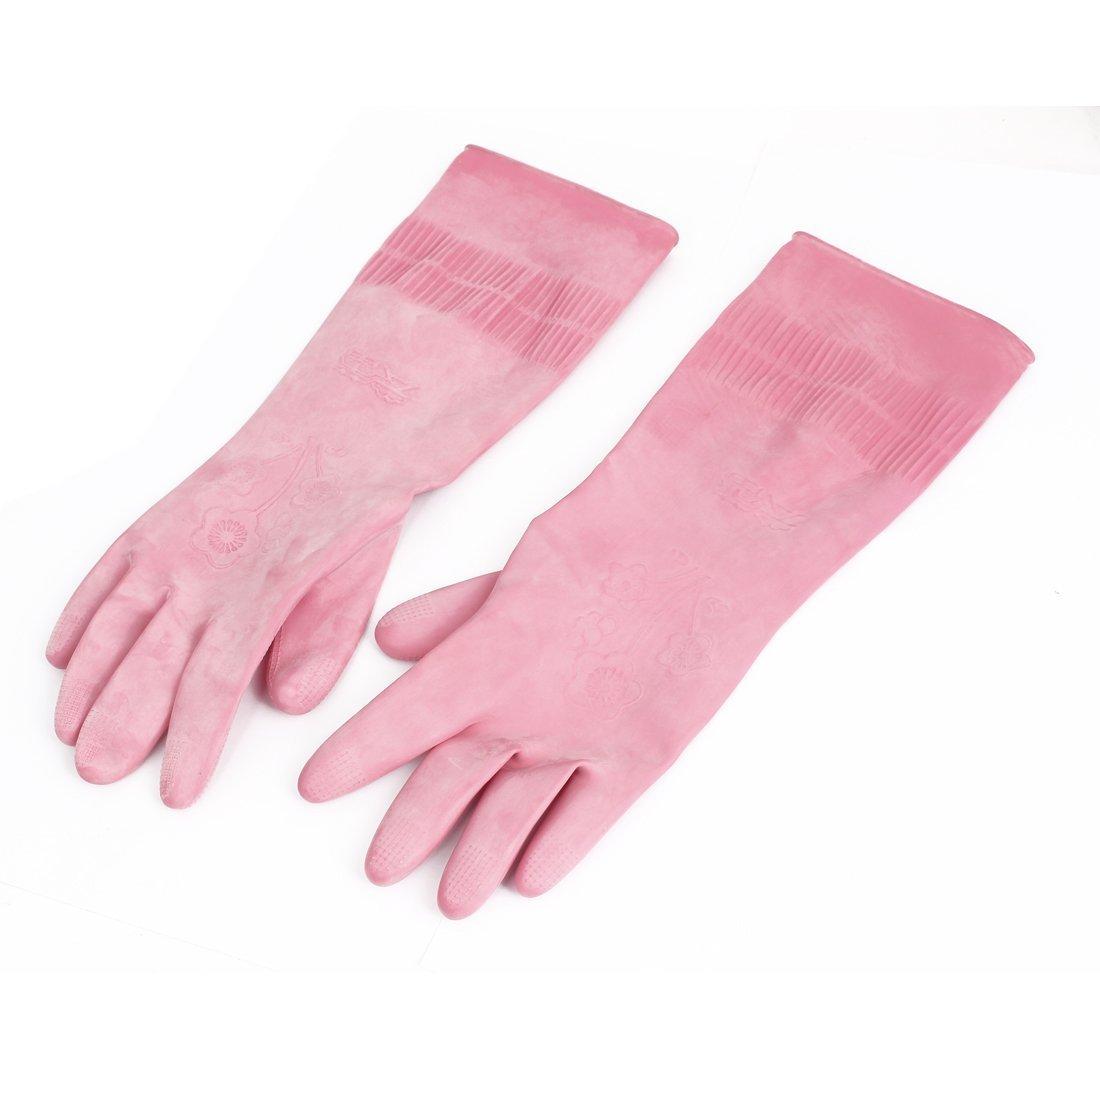 eDealMax de goma de limpieza Guantes de la cocina Para Lavar la vajilla 35cm x 12cm par Pink